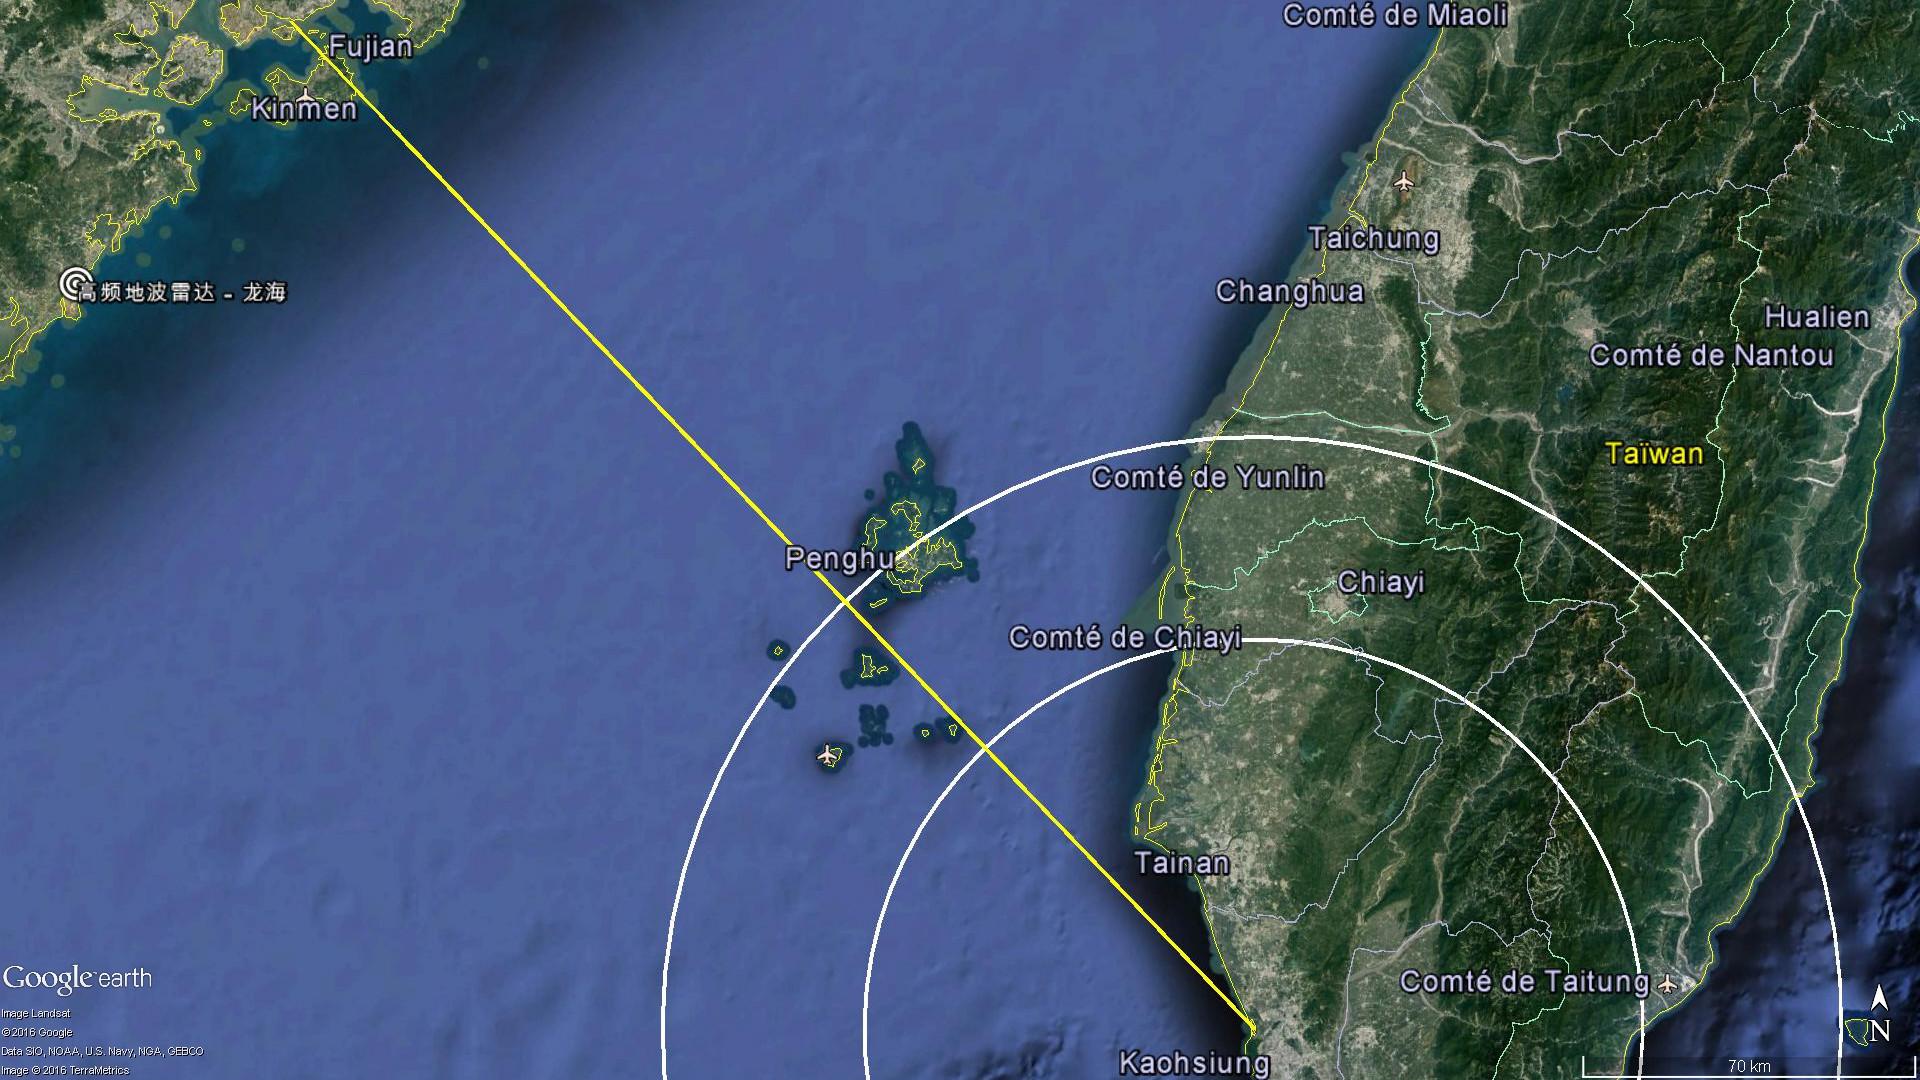 La zone de l'impact du missile avec le bateau de pêche devrait se situer entre les deux cercles blancs (entre 80 et 122km du port de Kaohsiung)